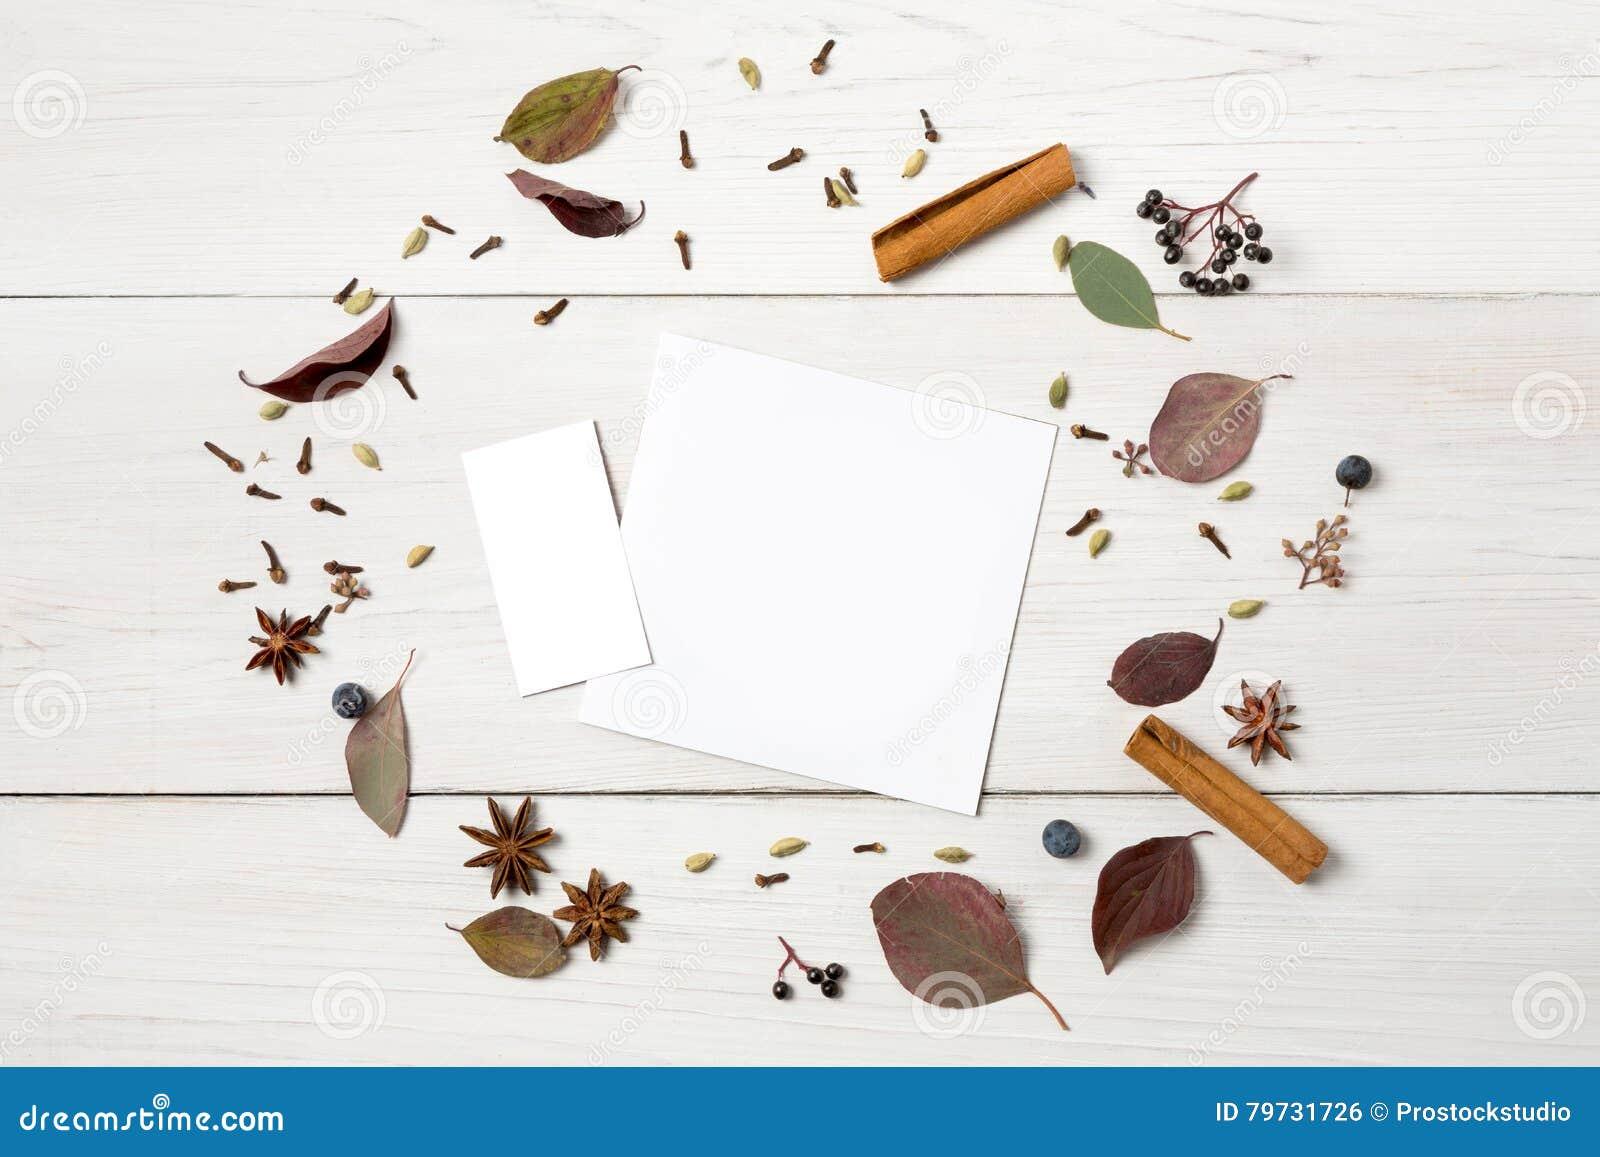 Marco de flores secadas en la madera blanca, visión superior del otoño